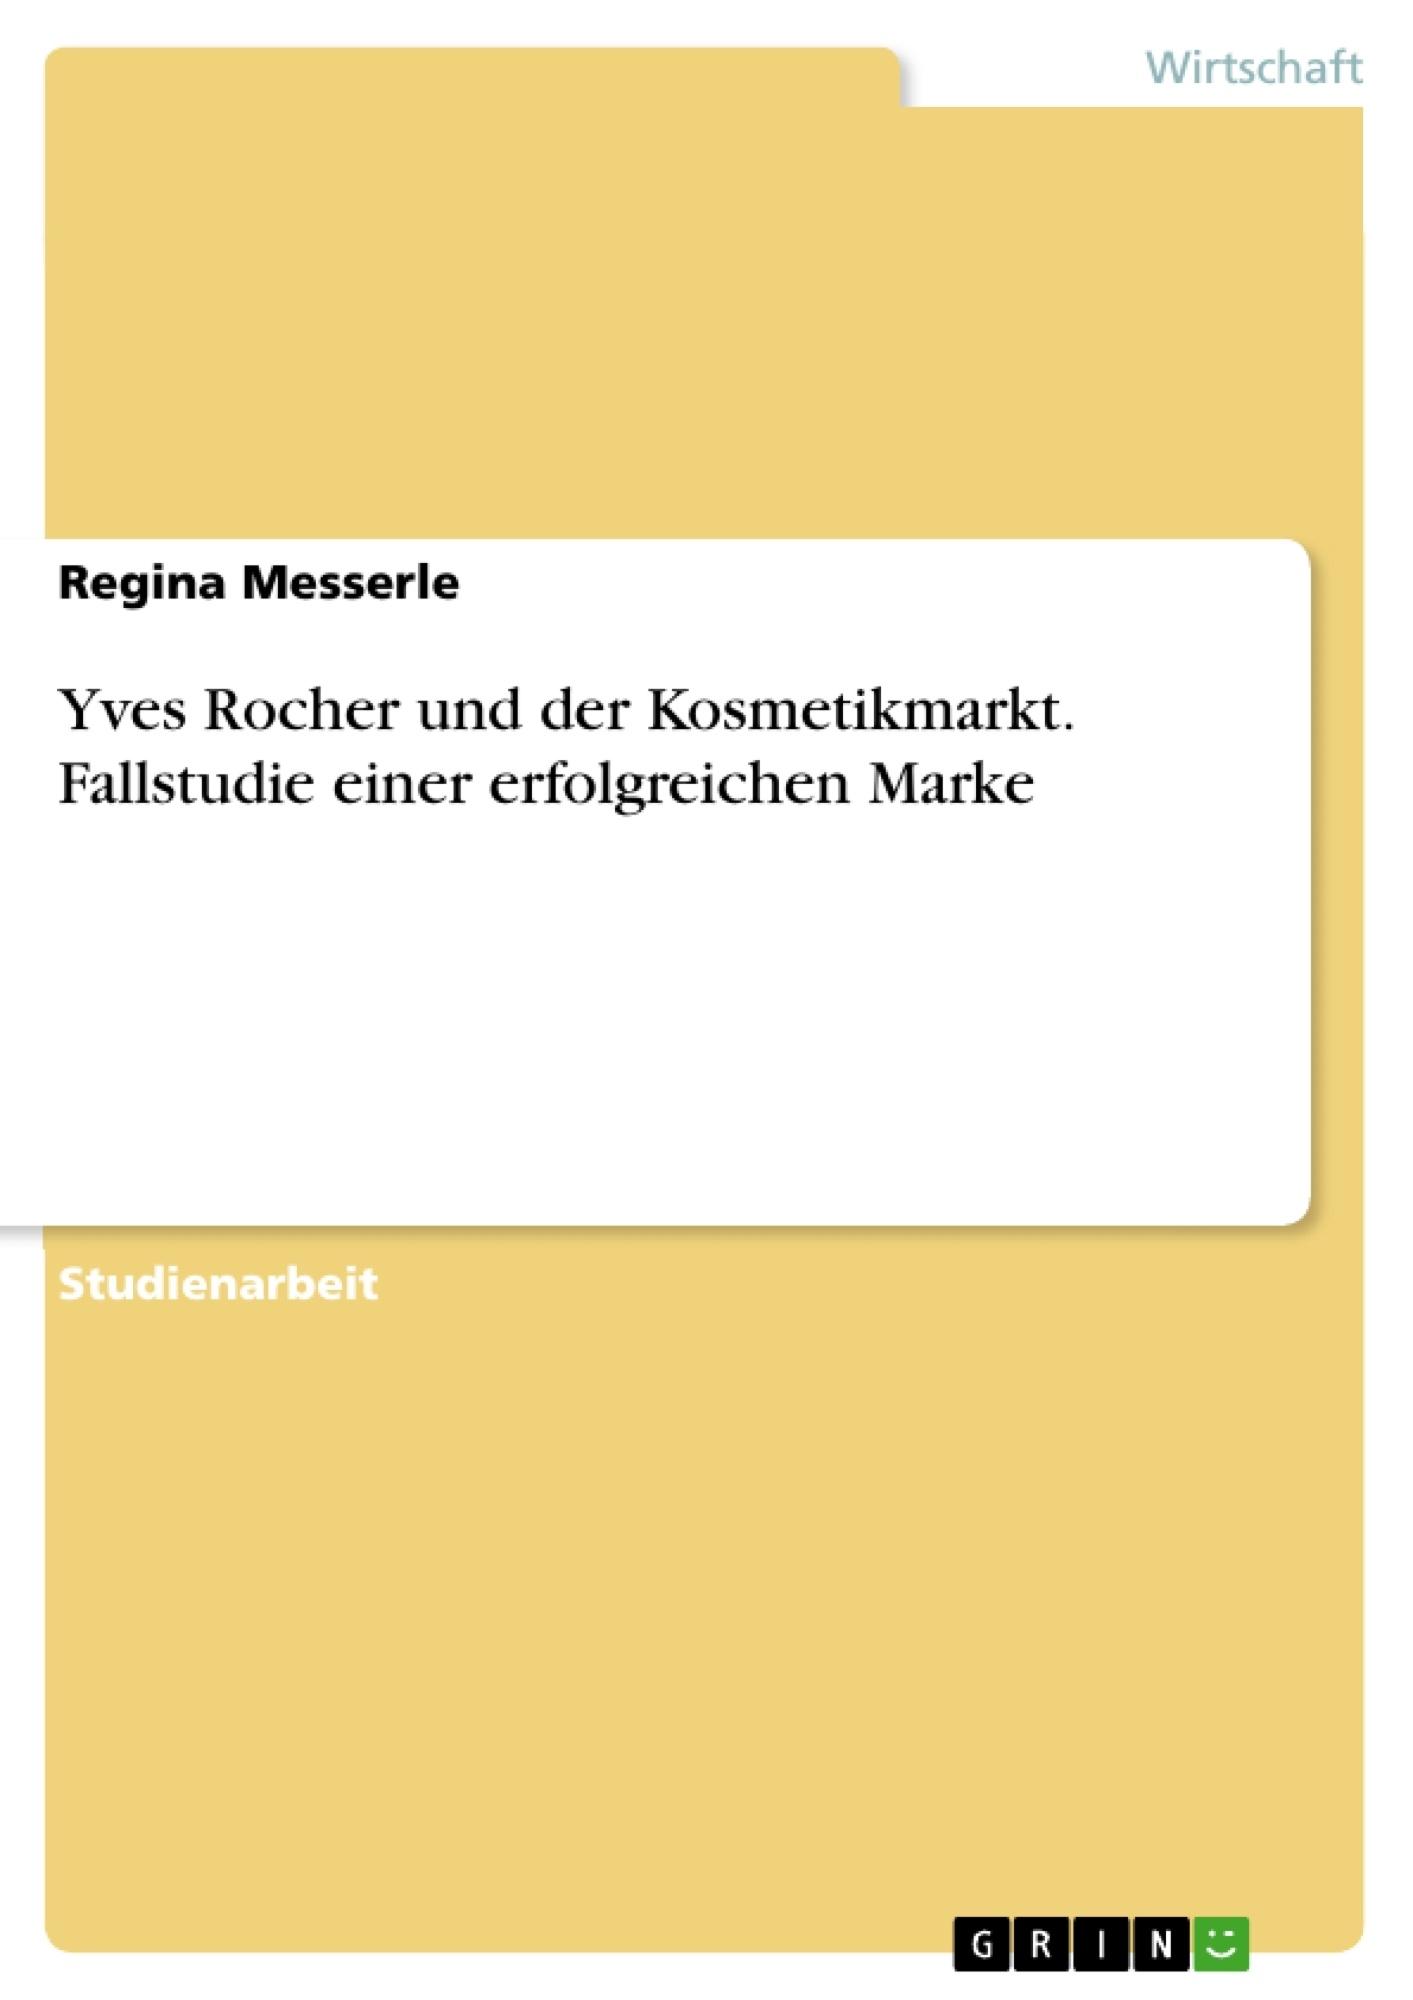 Titel: Yves Rocher und der Kosmetikmarkt. Fallstudie einer erfolgreichen Marke